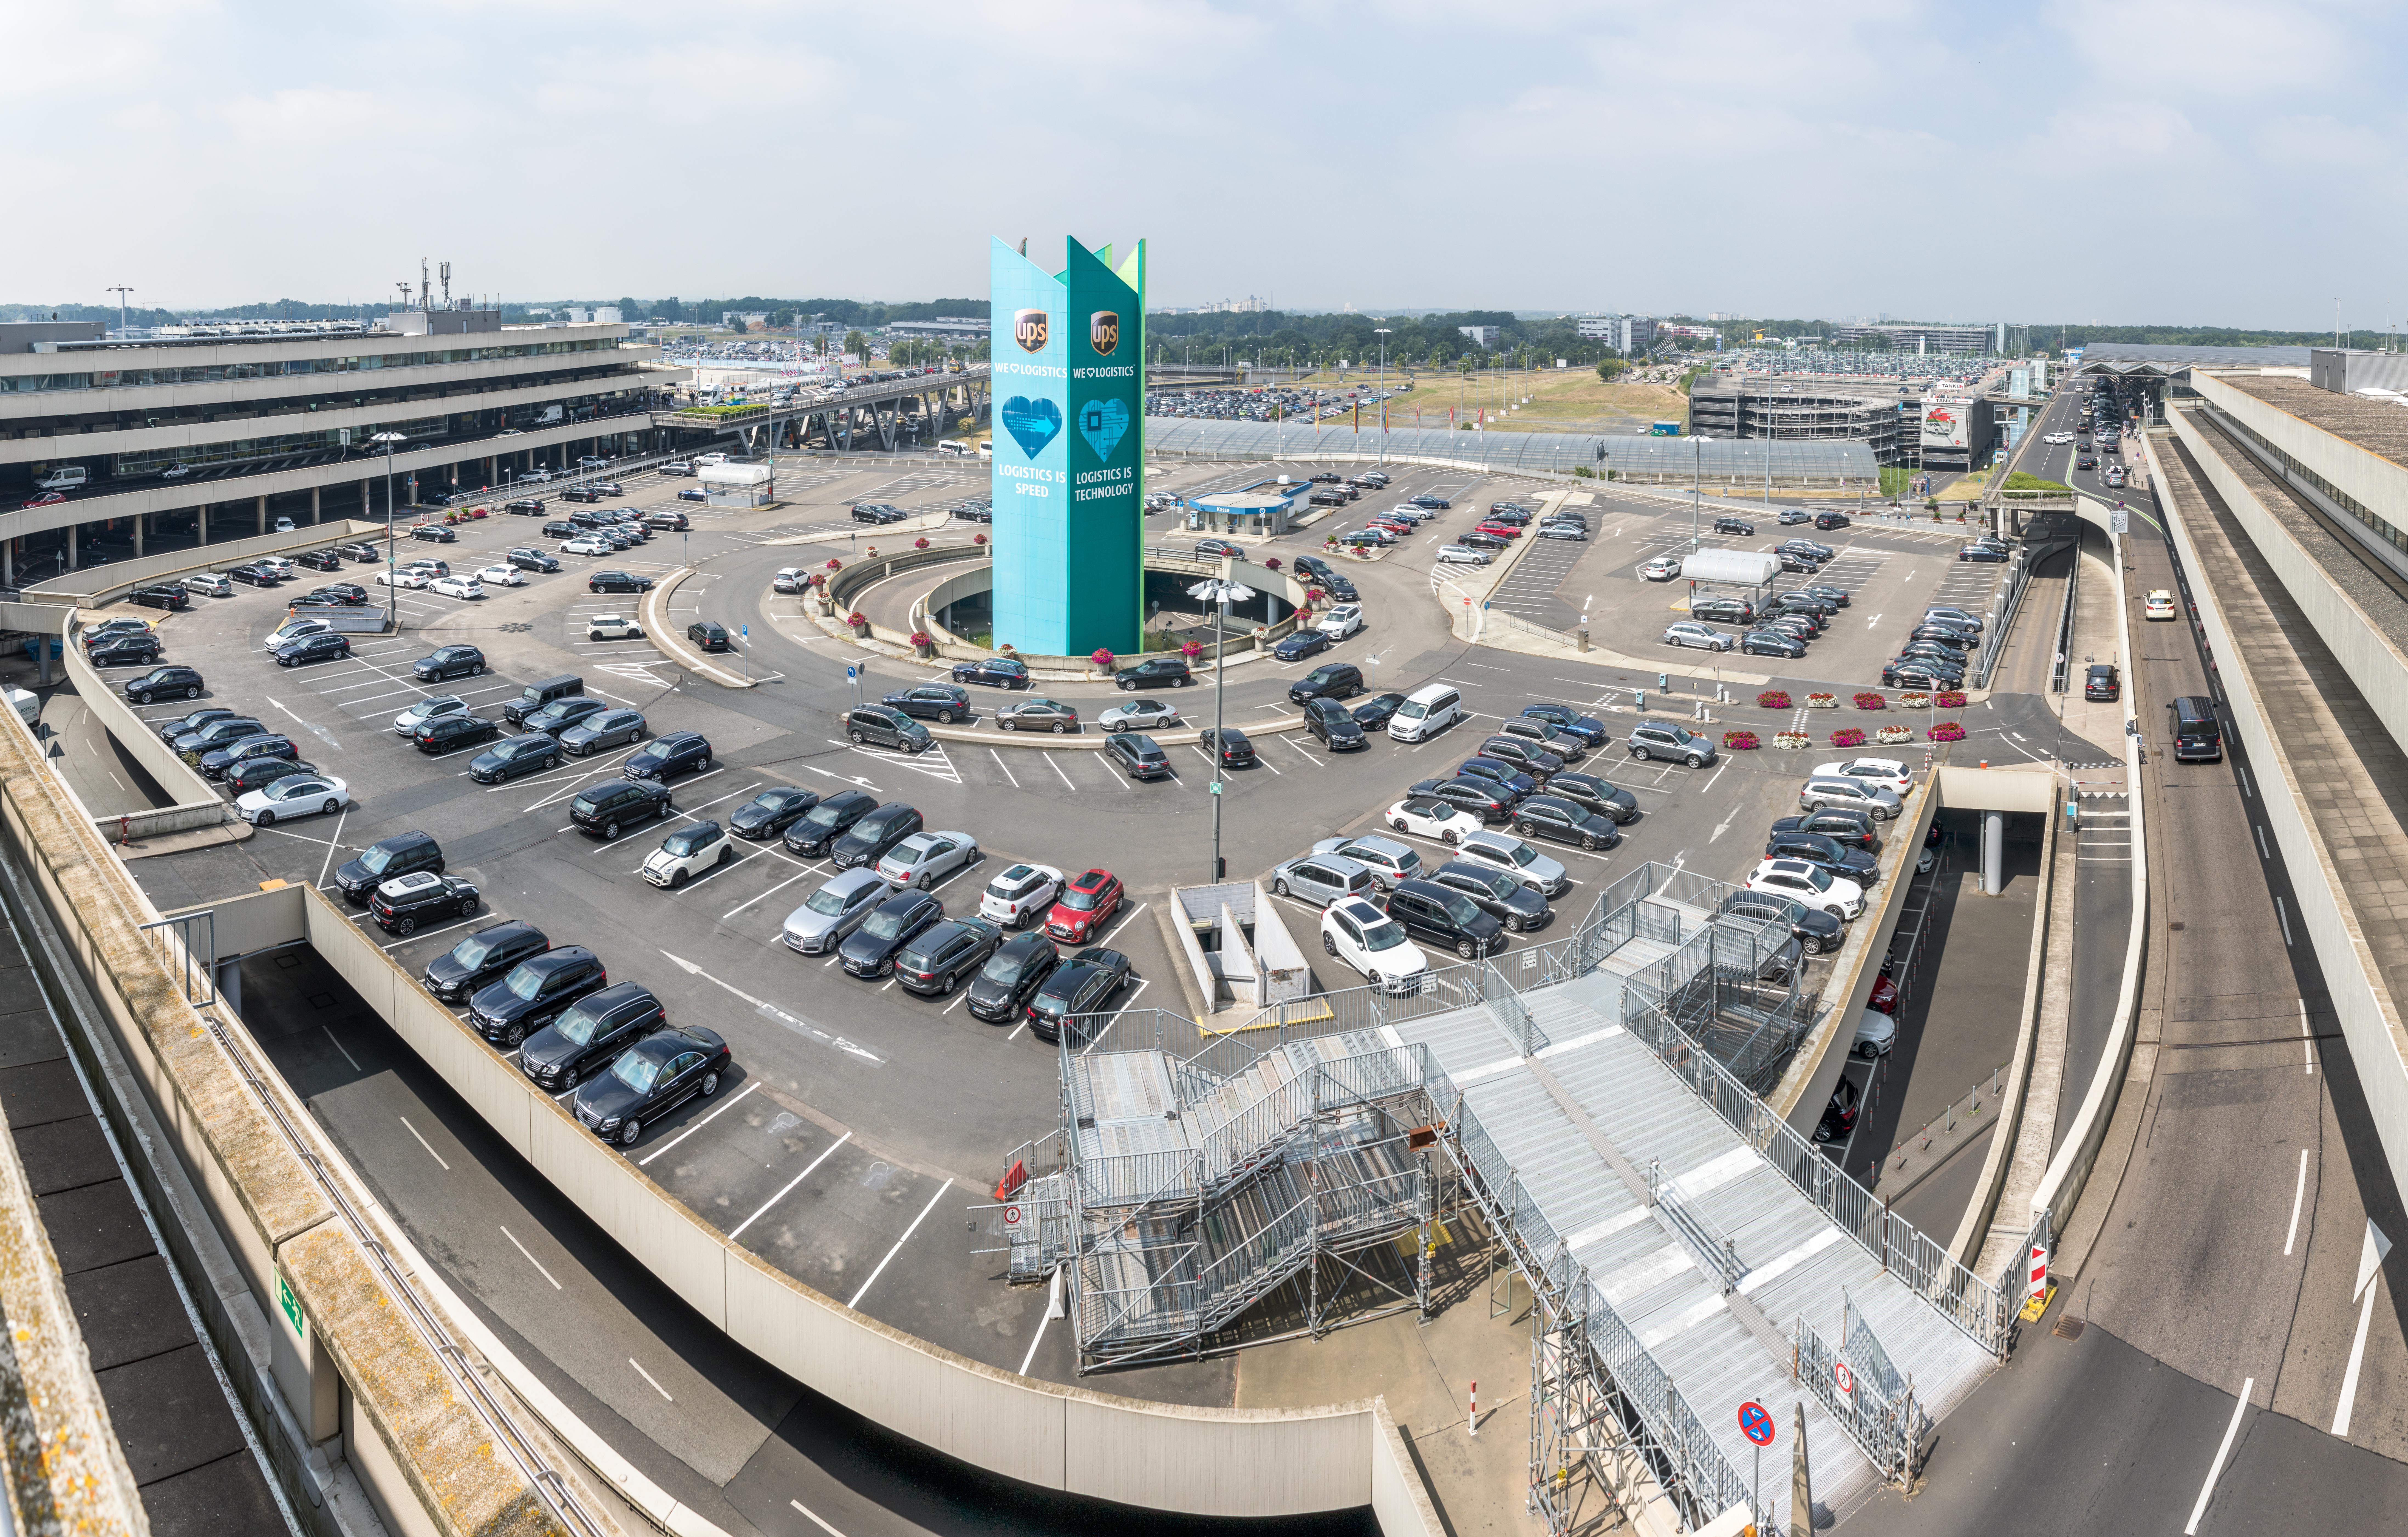 FileCologne Bonn Airport